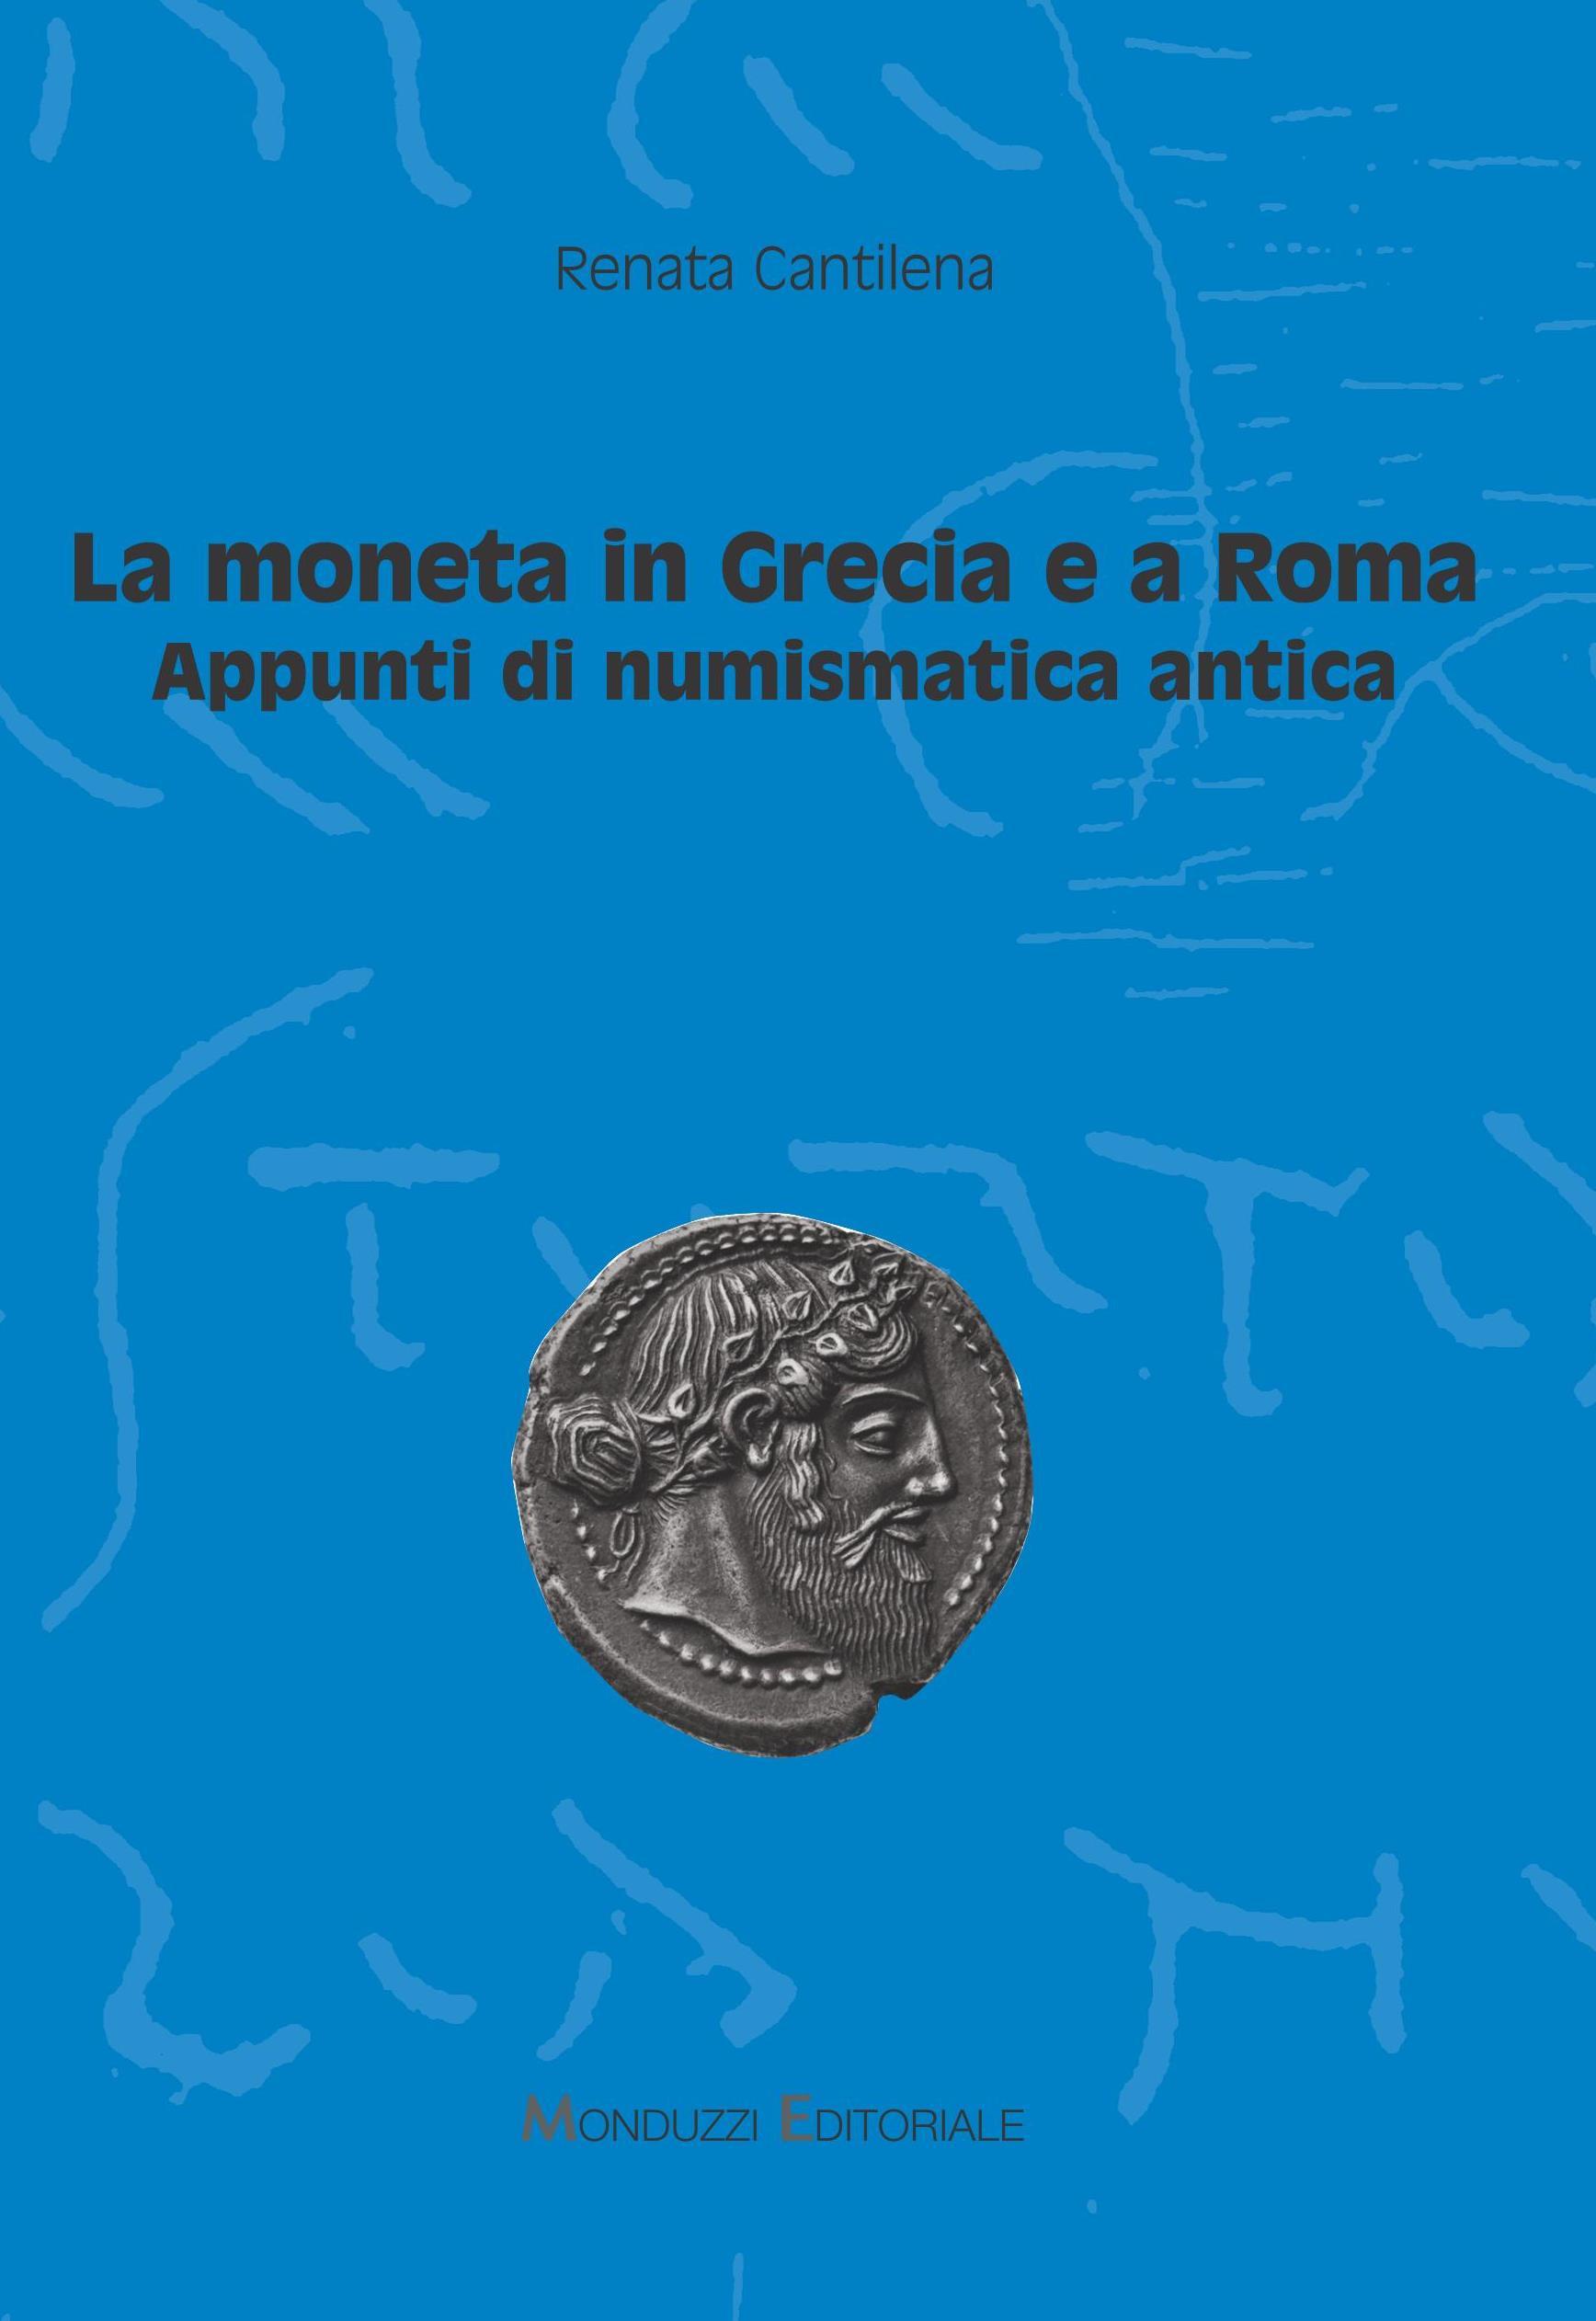 La moneta in Grecia e a Roma. Appunti di numismatica antica - di Renata Cantilena